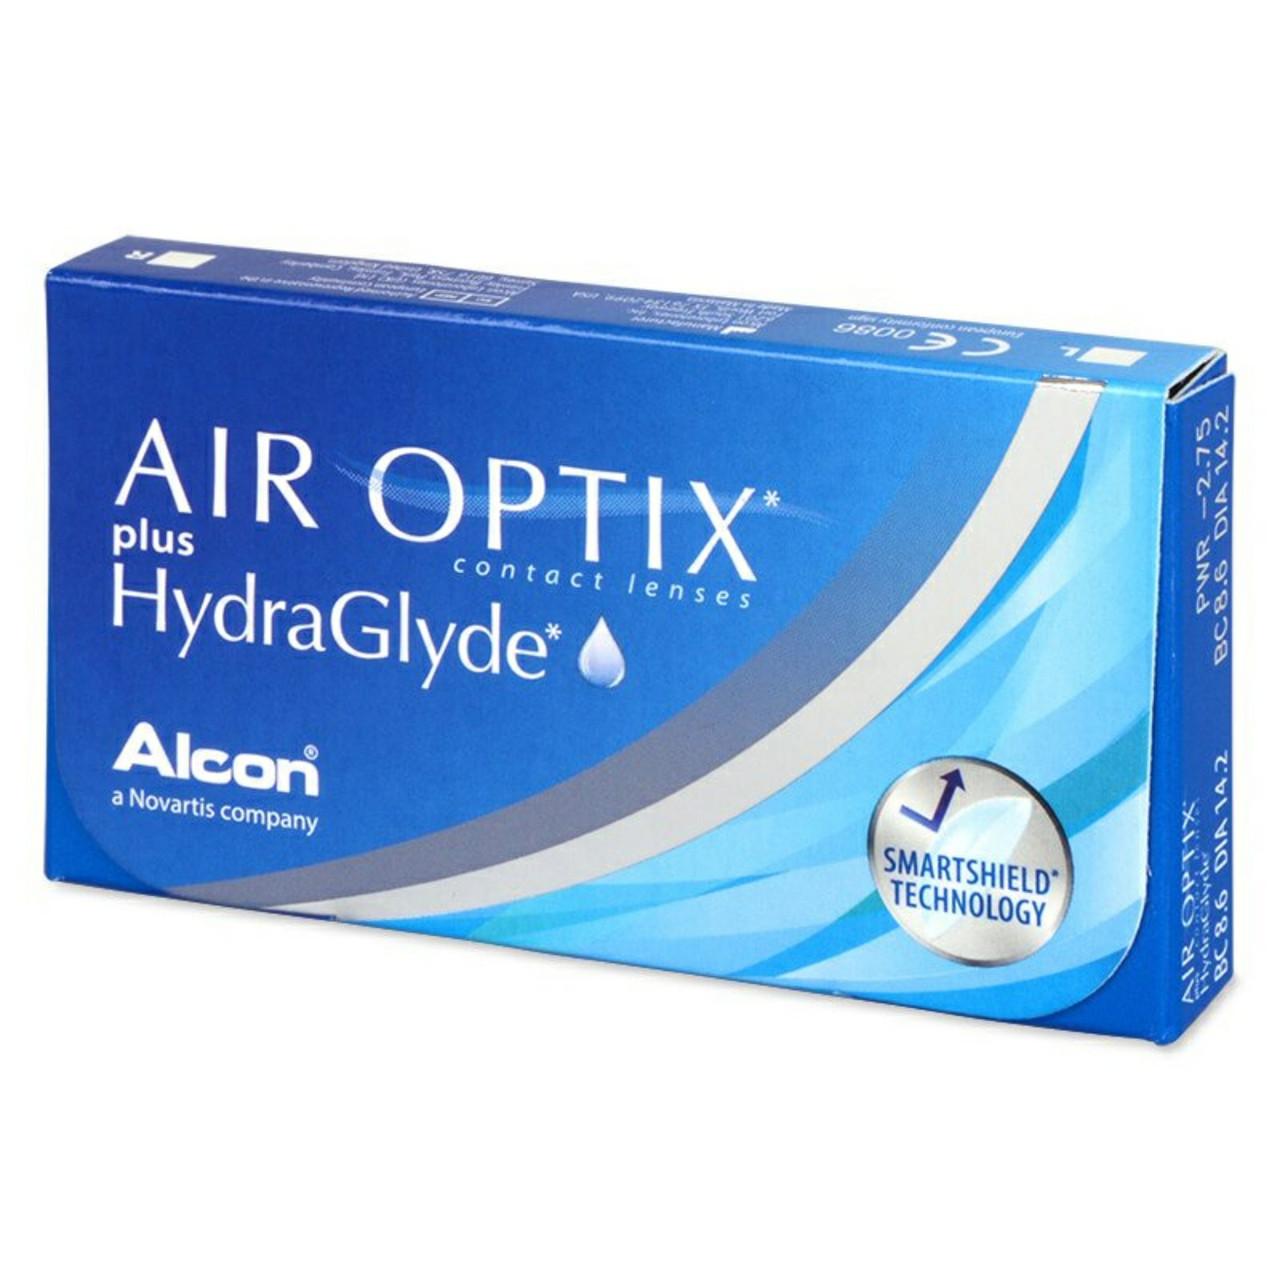 Контактные линзы +2,25 Air Optix plus HydraGlyde